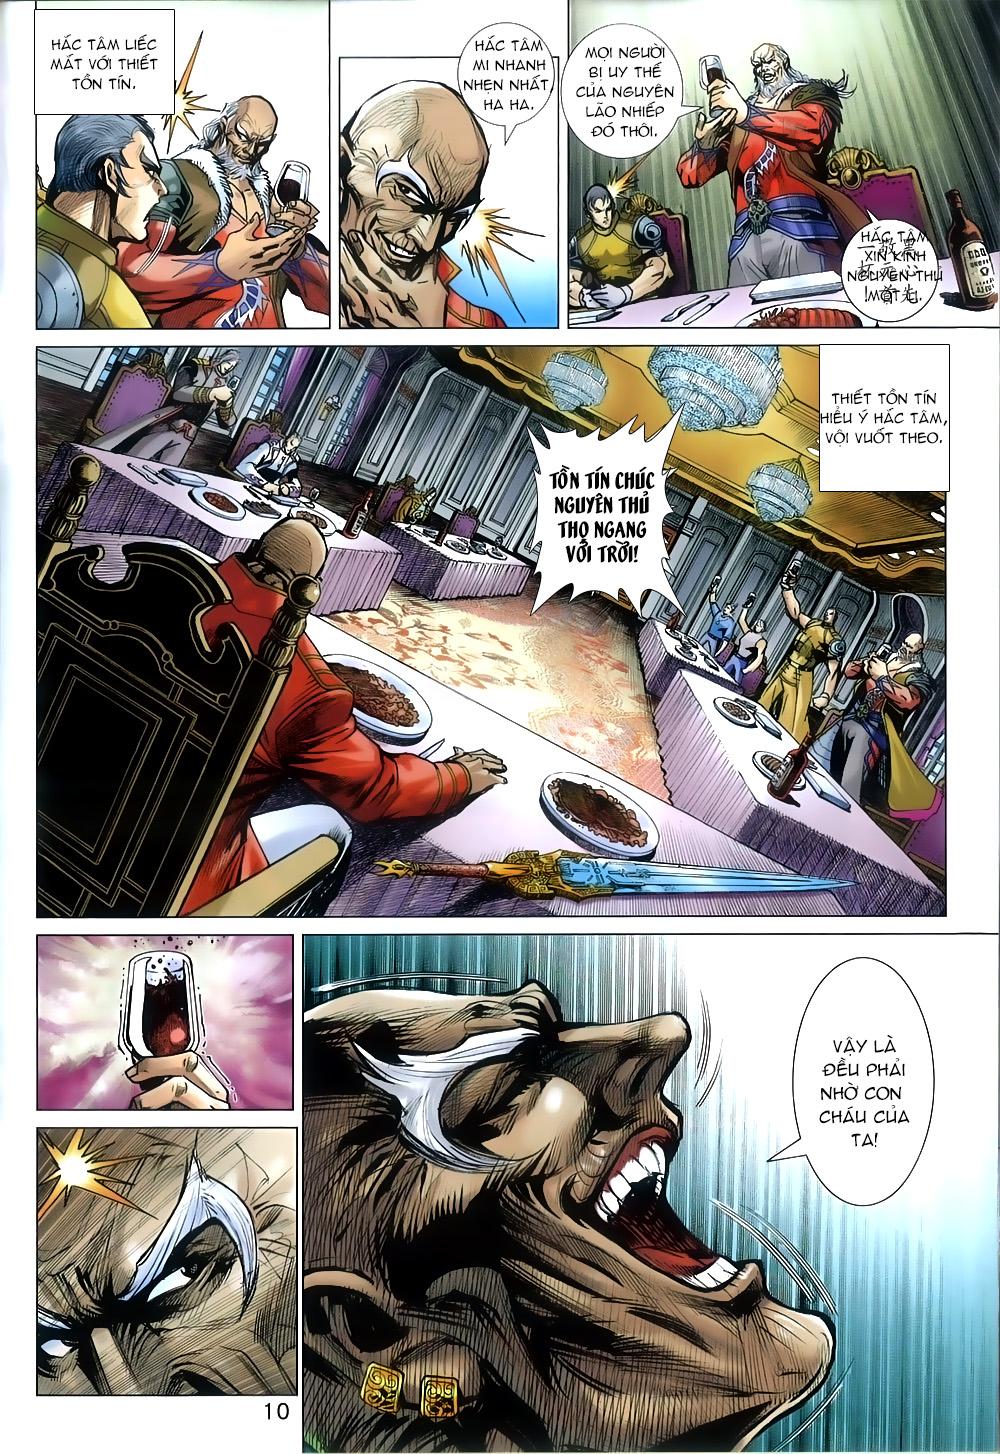 Tân Tác Long Hổ Môn chap 815 - Trang 10